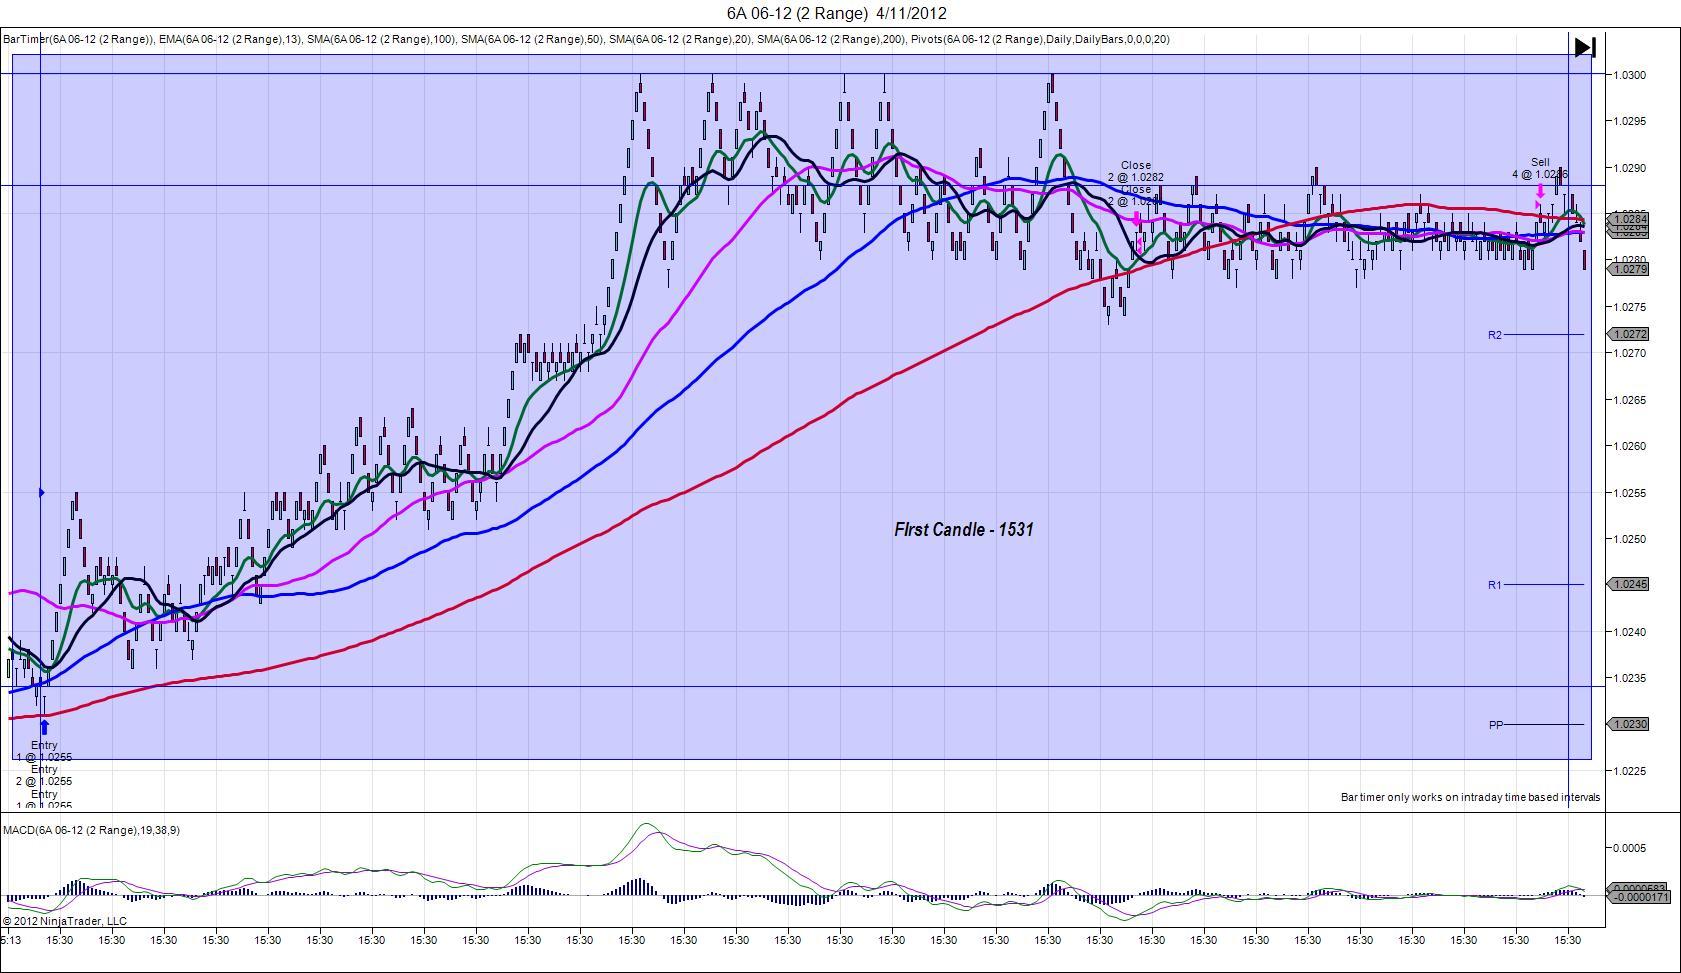 6A 06 12 (2 Range) 04.11.12